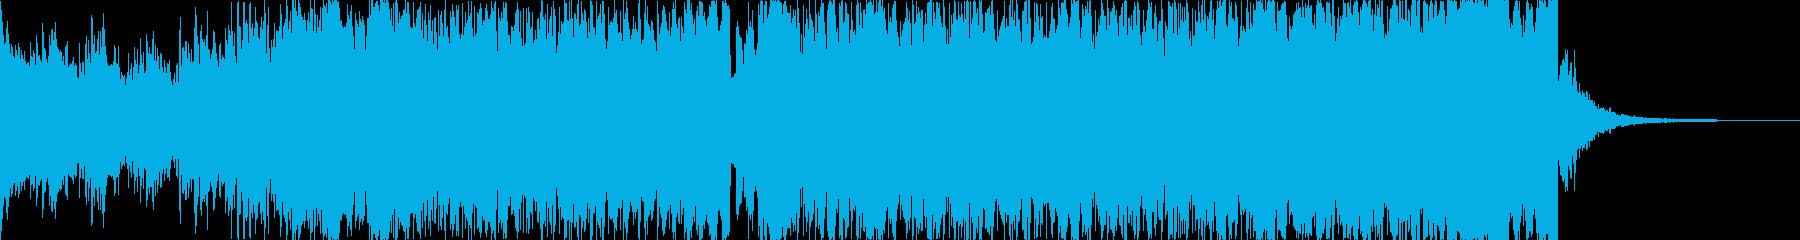 【1分版】パワフルで高揚感ピアノEDMの再生済みの波形